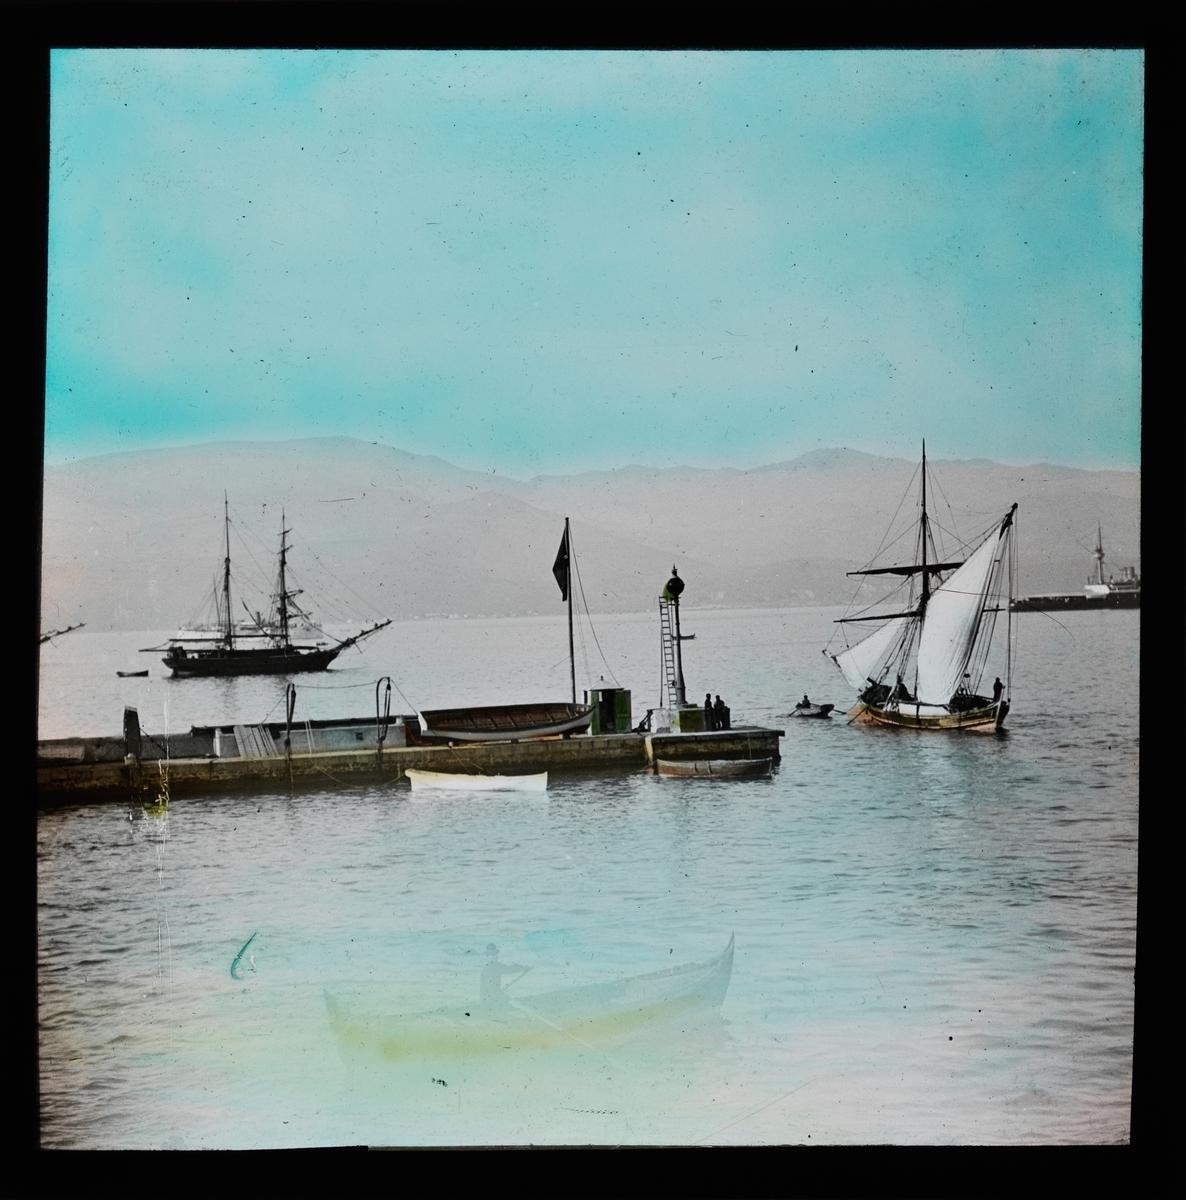 """""""Smyrna."""" (Bildetekst fra album) En kai/brygge. Mange seilbåter ute på vannet. Håndkolorert utsnitt."""